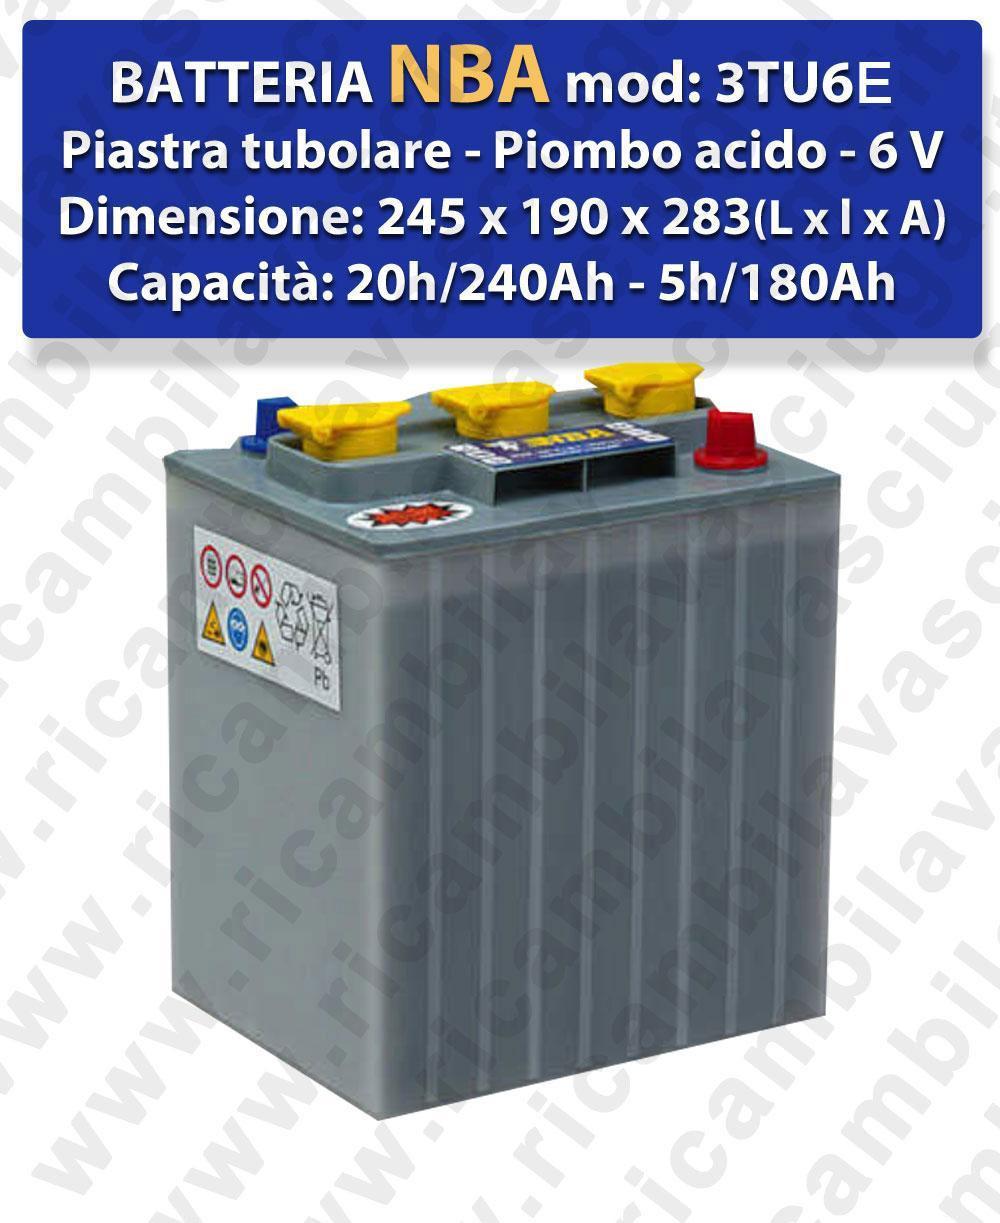 3TU6E Battery piombo - NBA 6V 240Ah 20/h